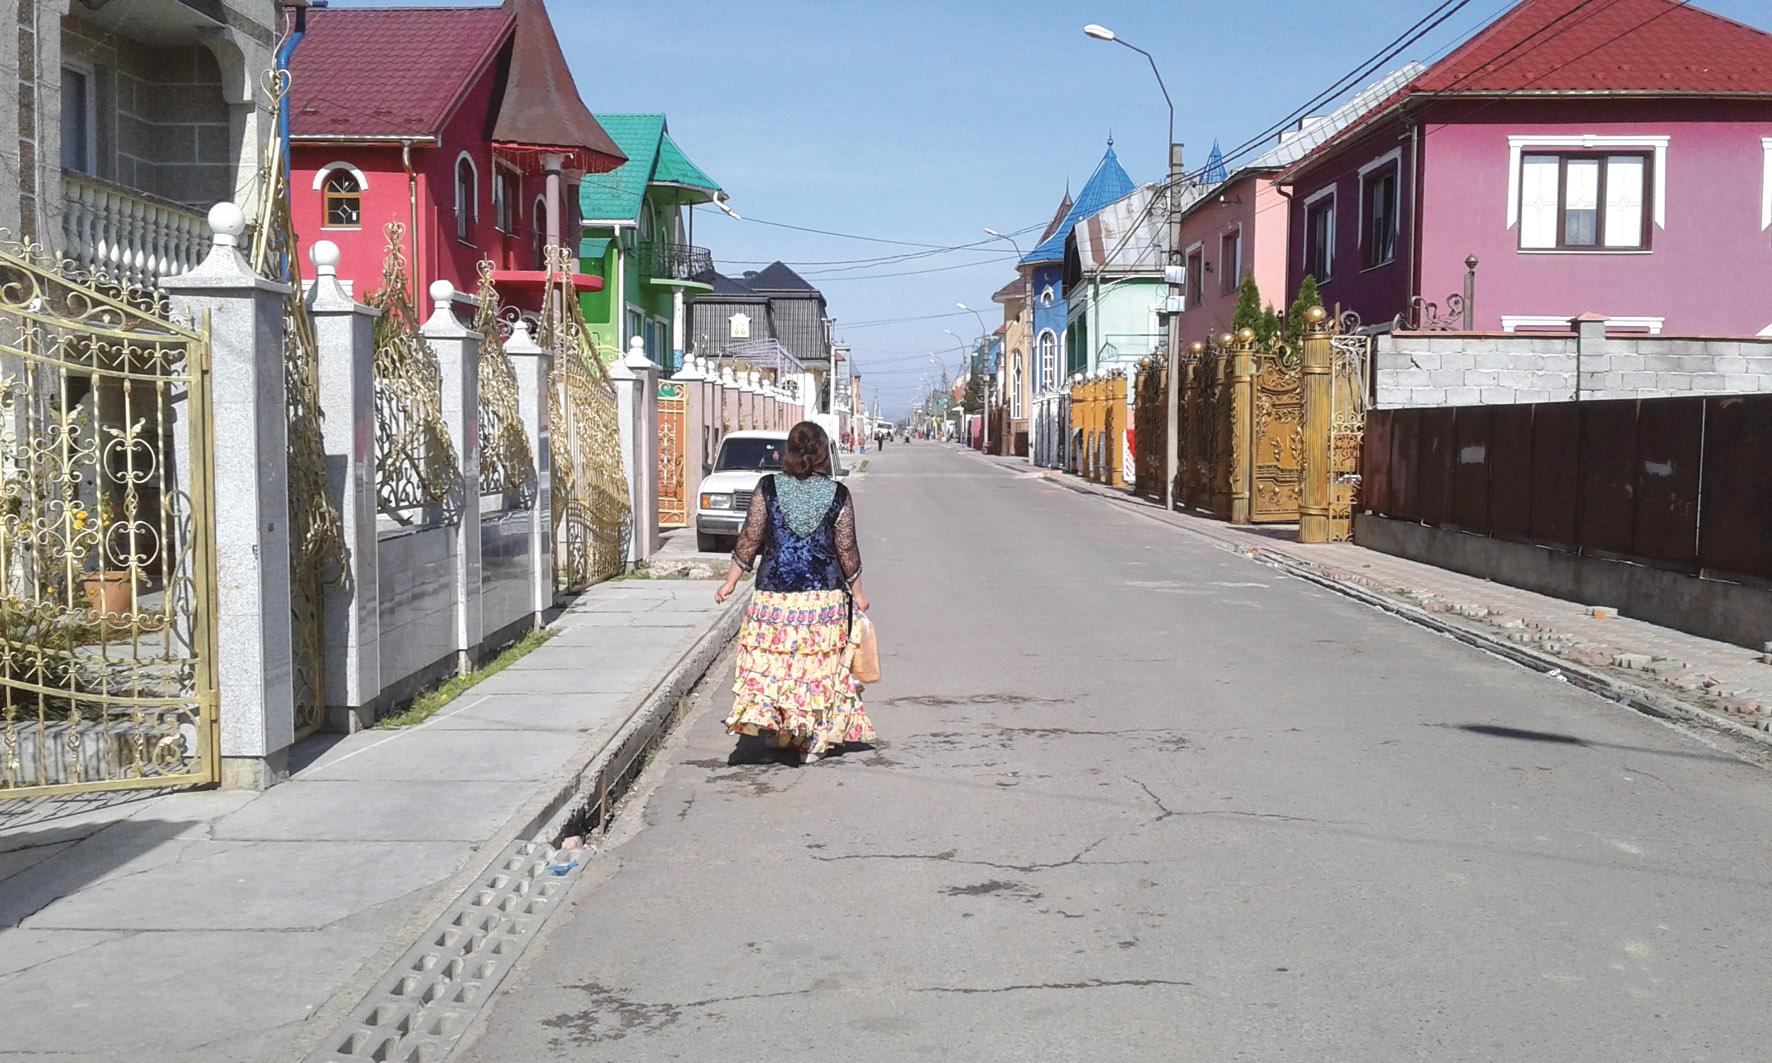 Деякі циганські родини на Закарпатті за місяць заробляють понад 10 тис.дол.